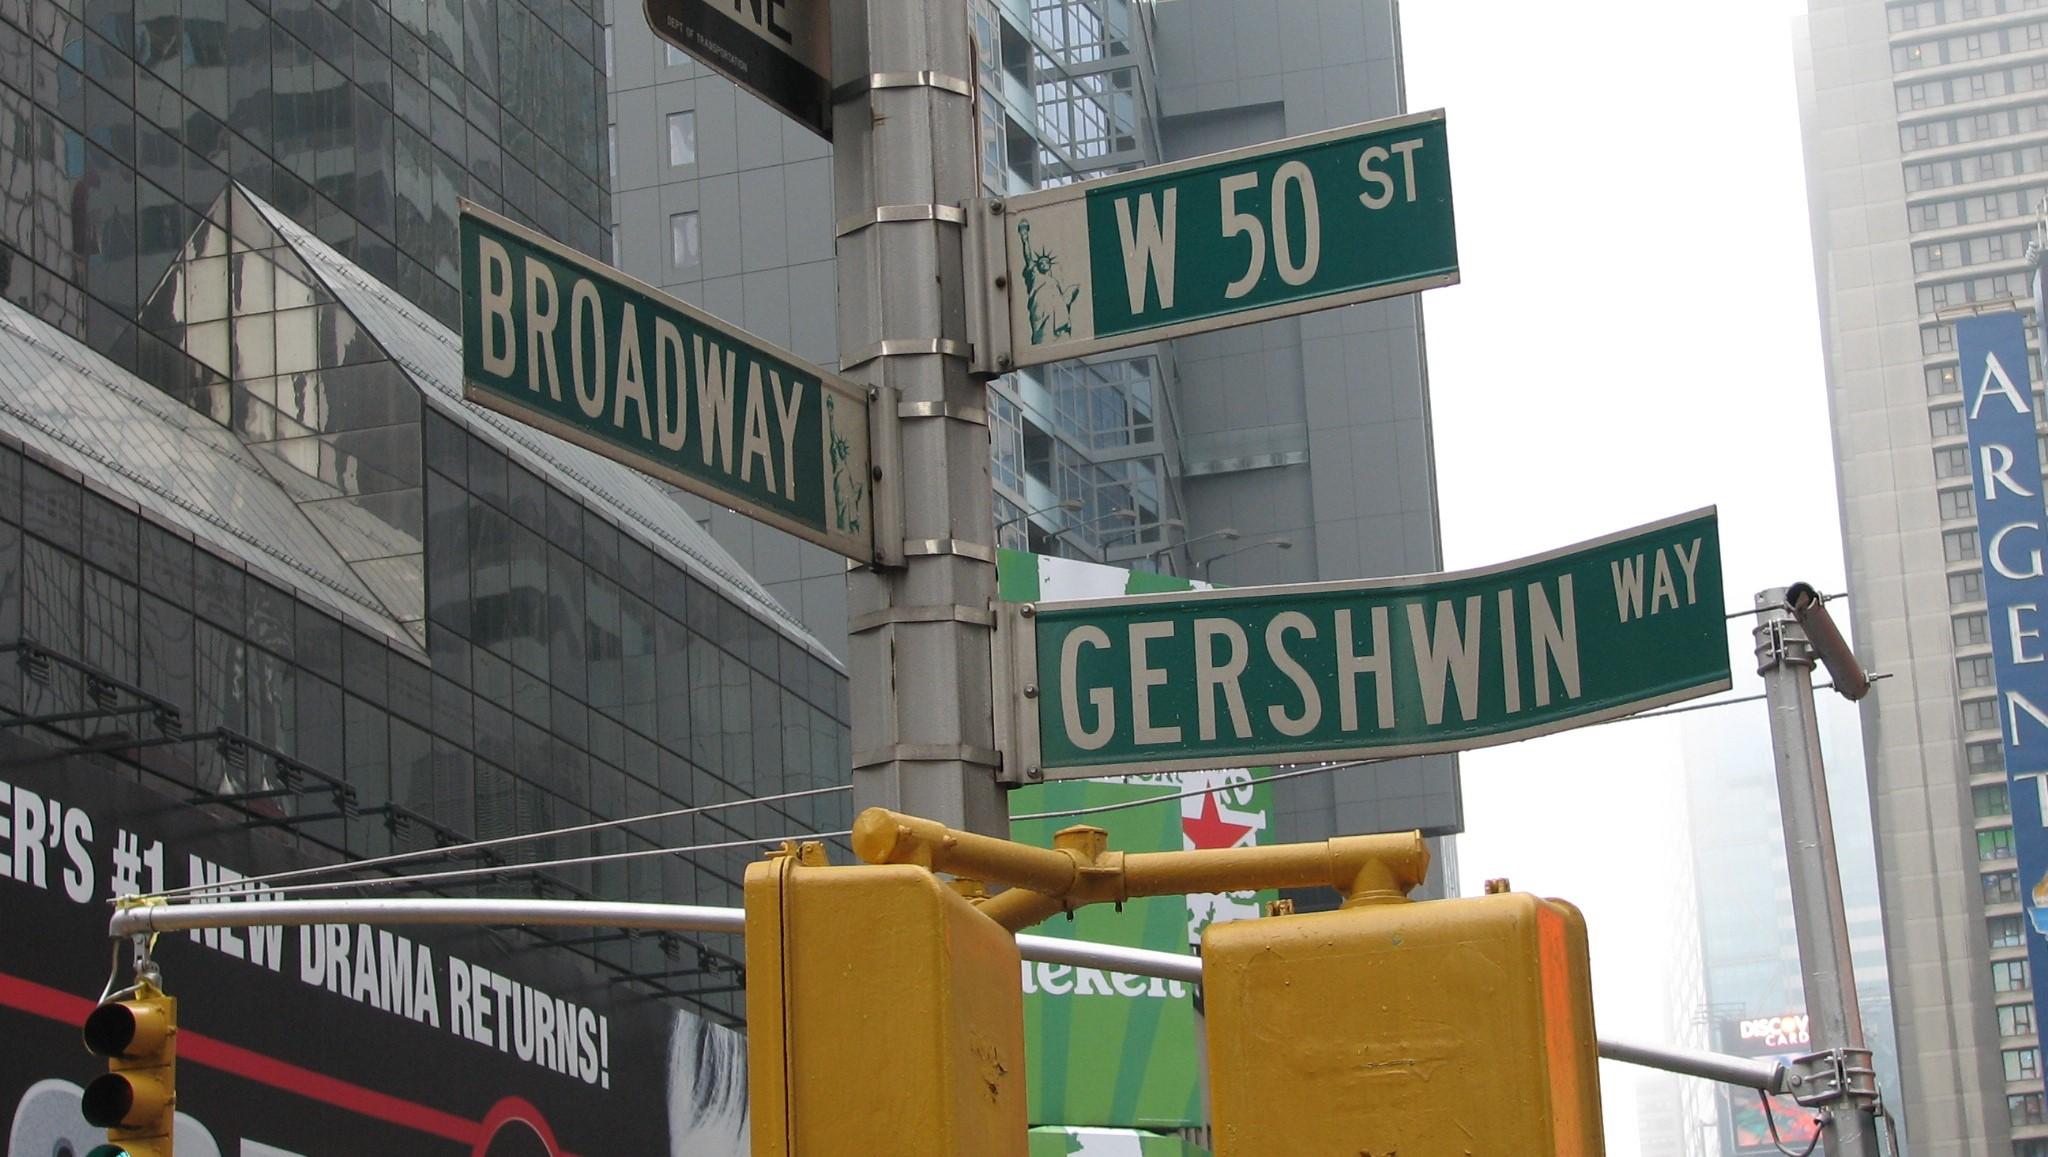 Gershwin & Broadway sign